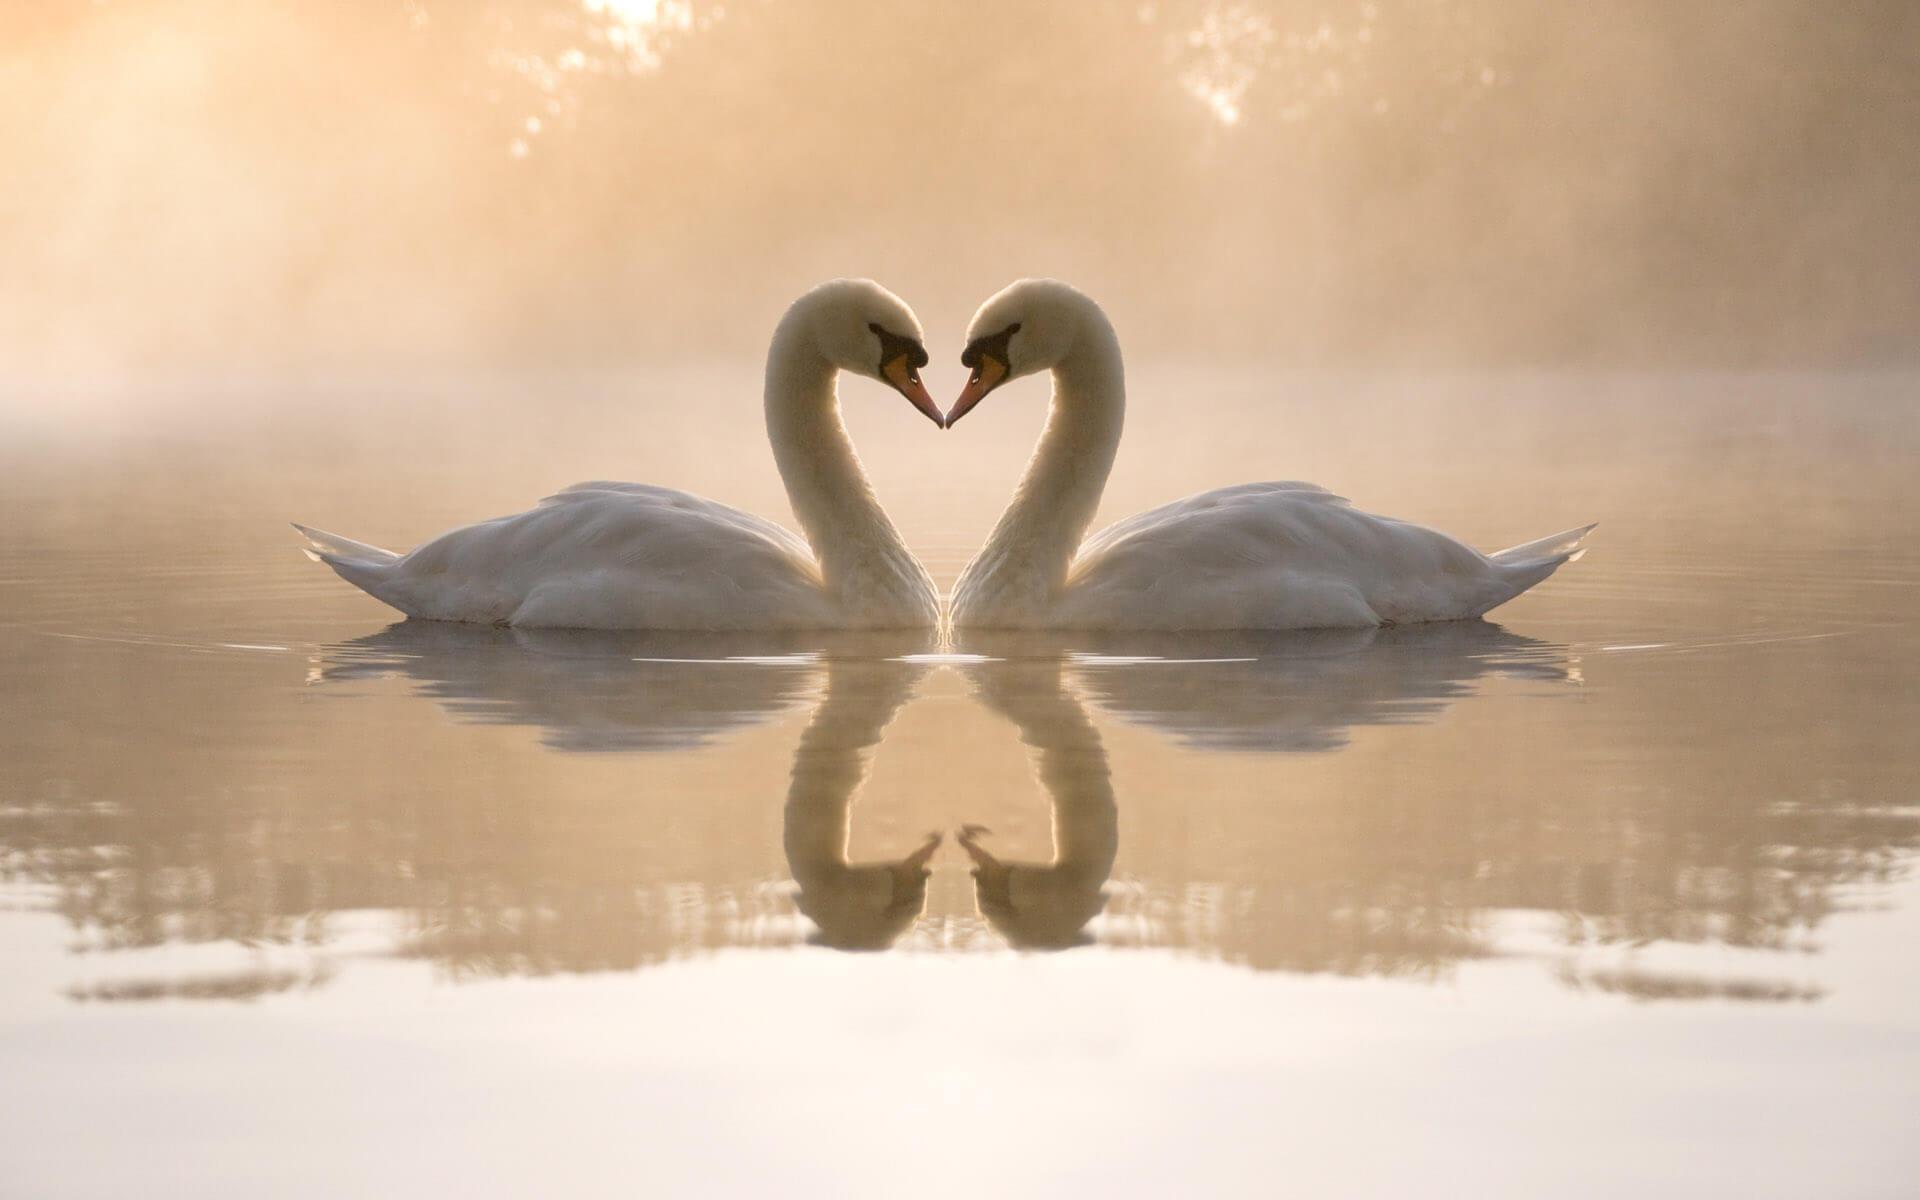 Милые и романтические картинки для любимой - скачать (20 фото) 13